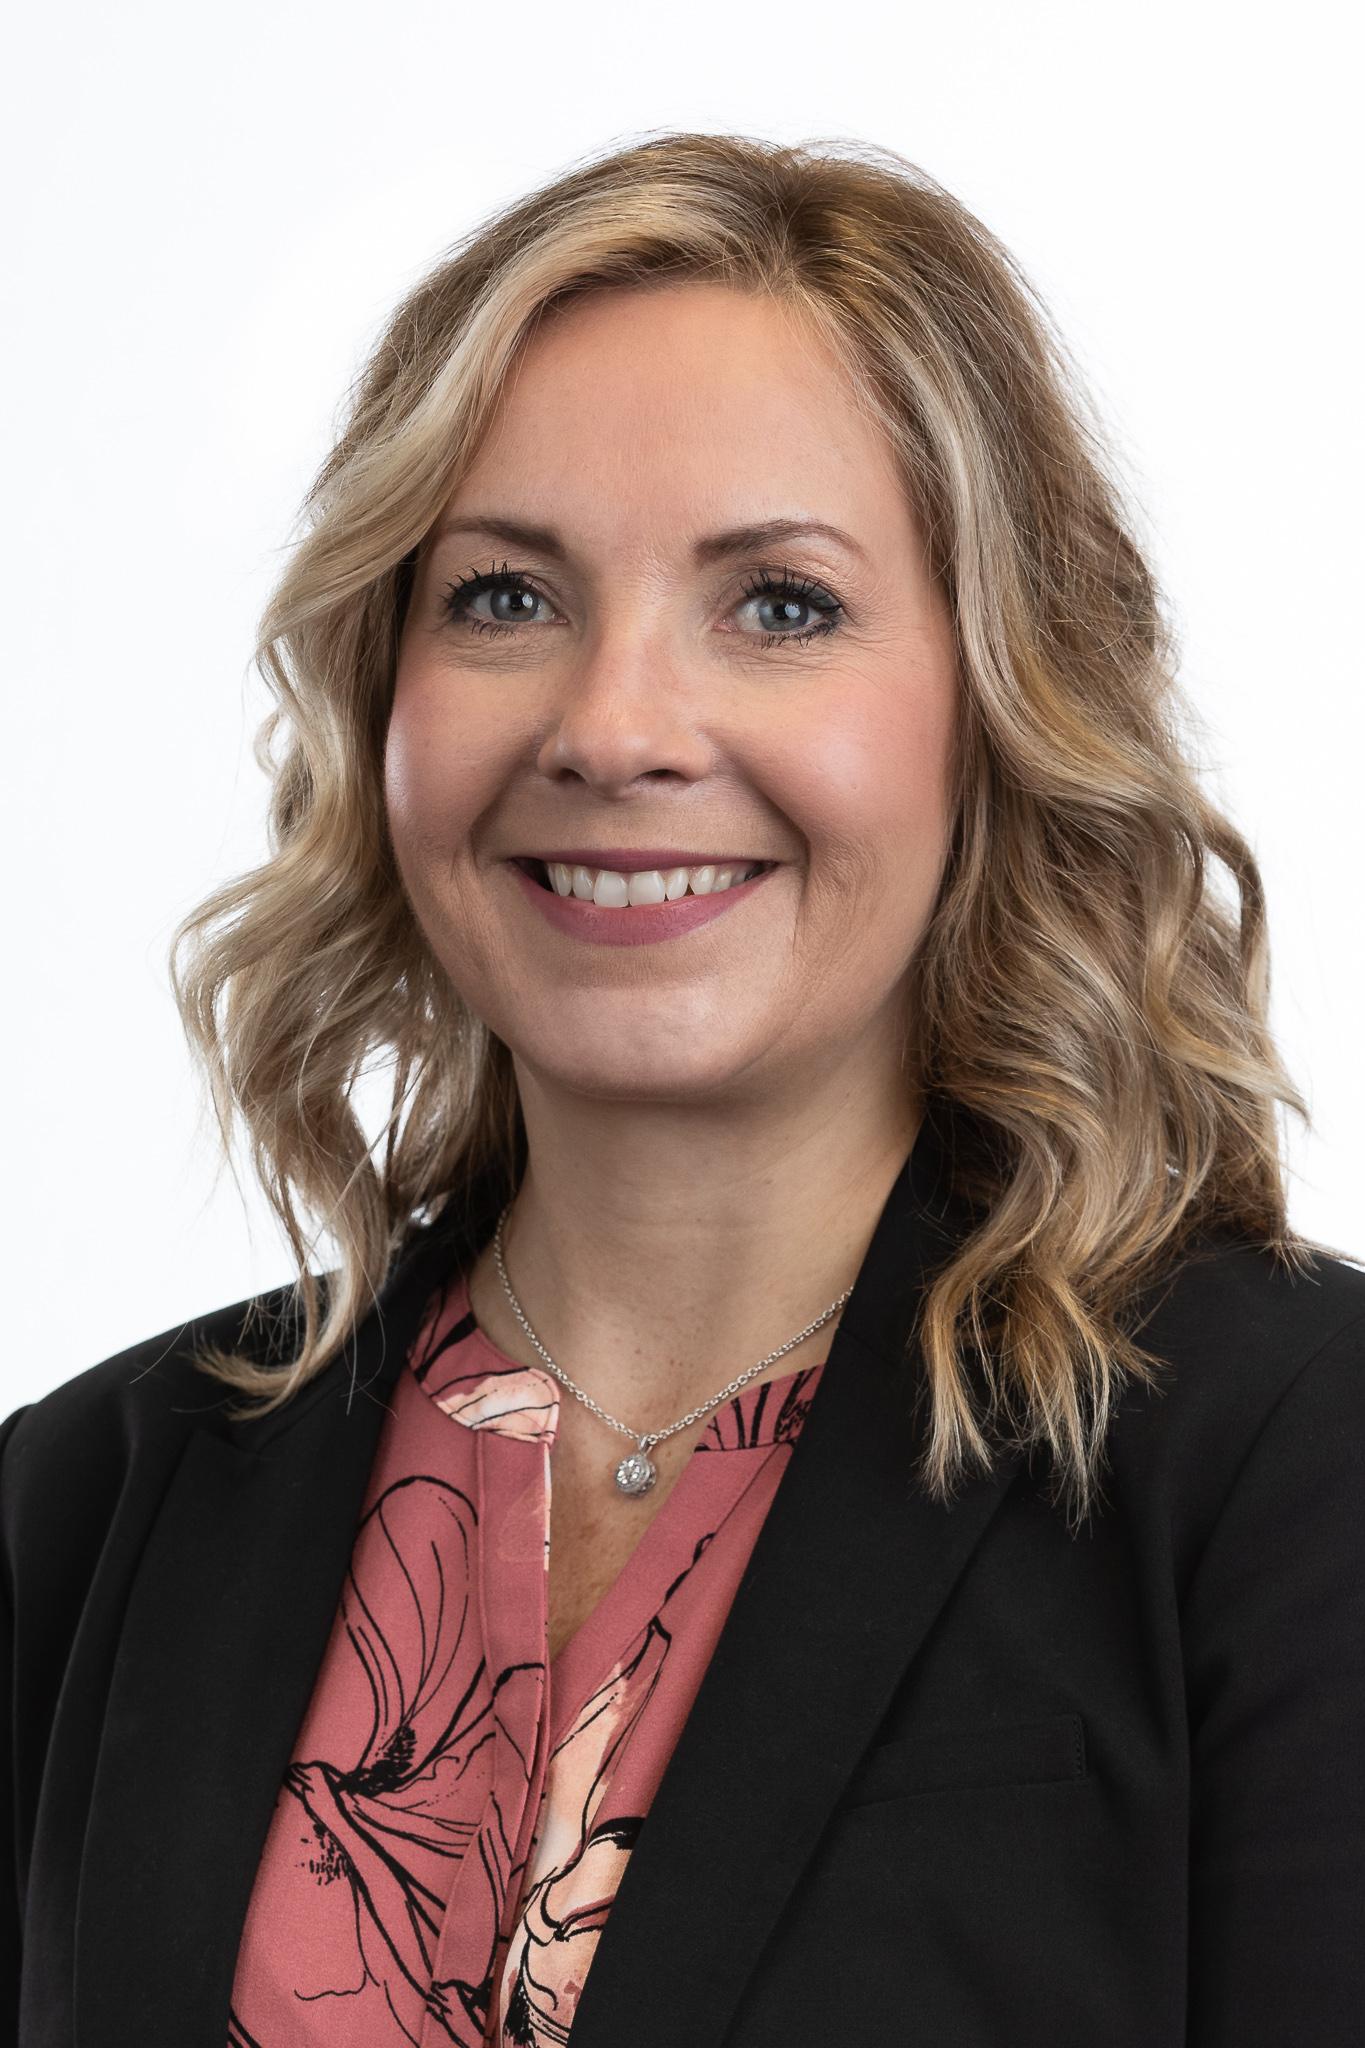 Headshot of Leanne Segeren-Swayze